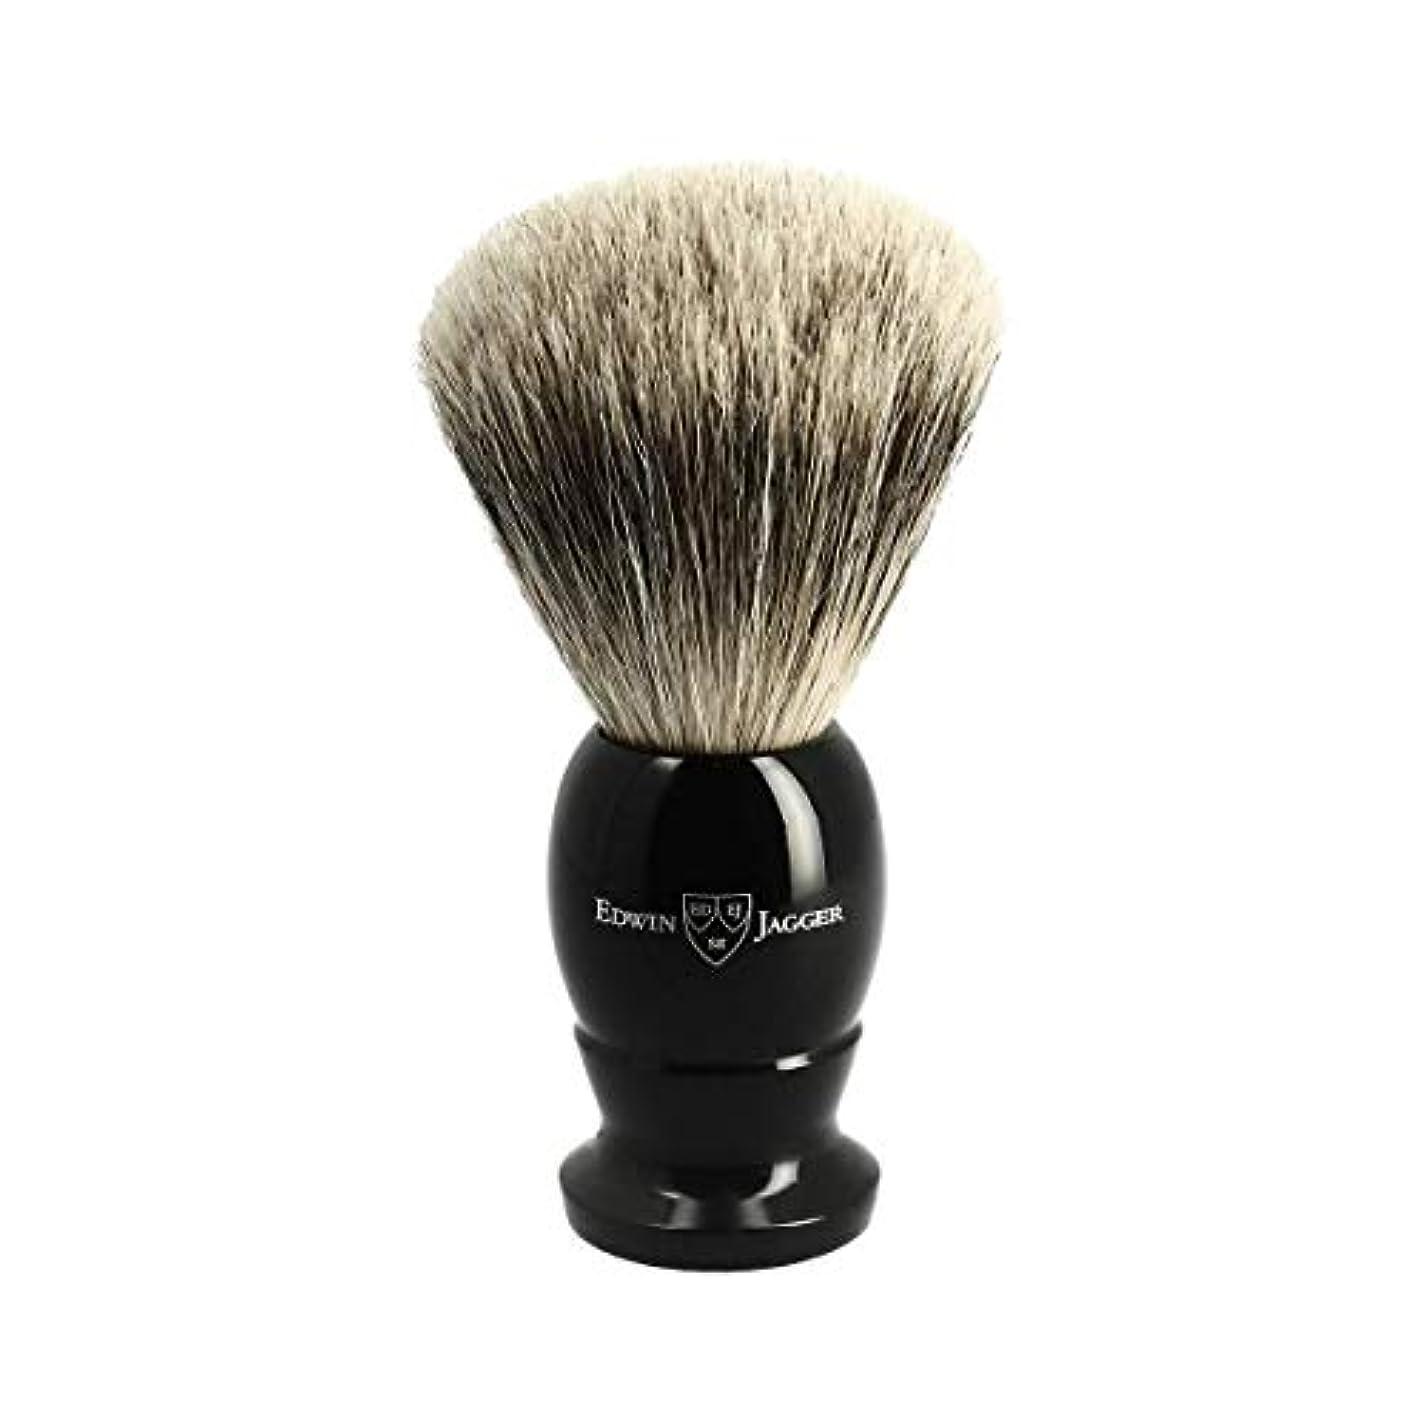 村排出衝動エドウィンジャガー ベストバッジャーアナグマ毛 エボニーシェービングブラシ大3EJ876[海外直送品]Edwin Jagger Best Badger Ebony Shaving Brush Large 3EJ876 [...